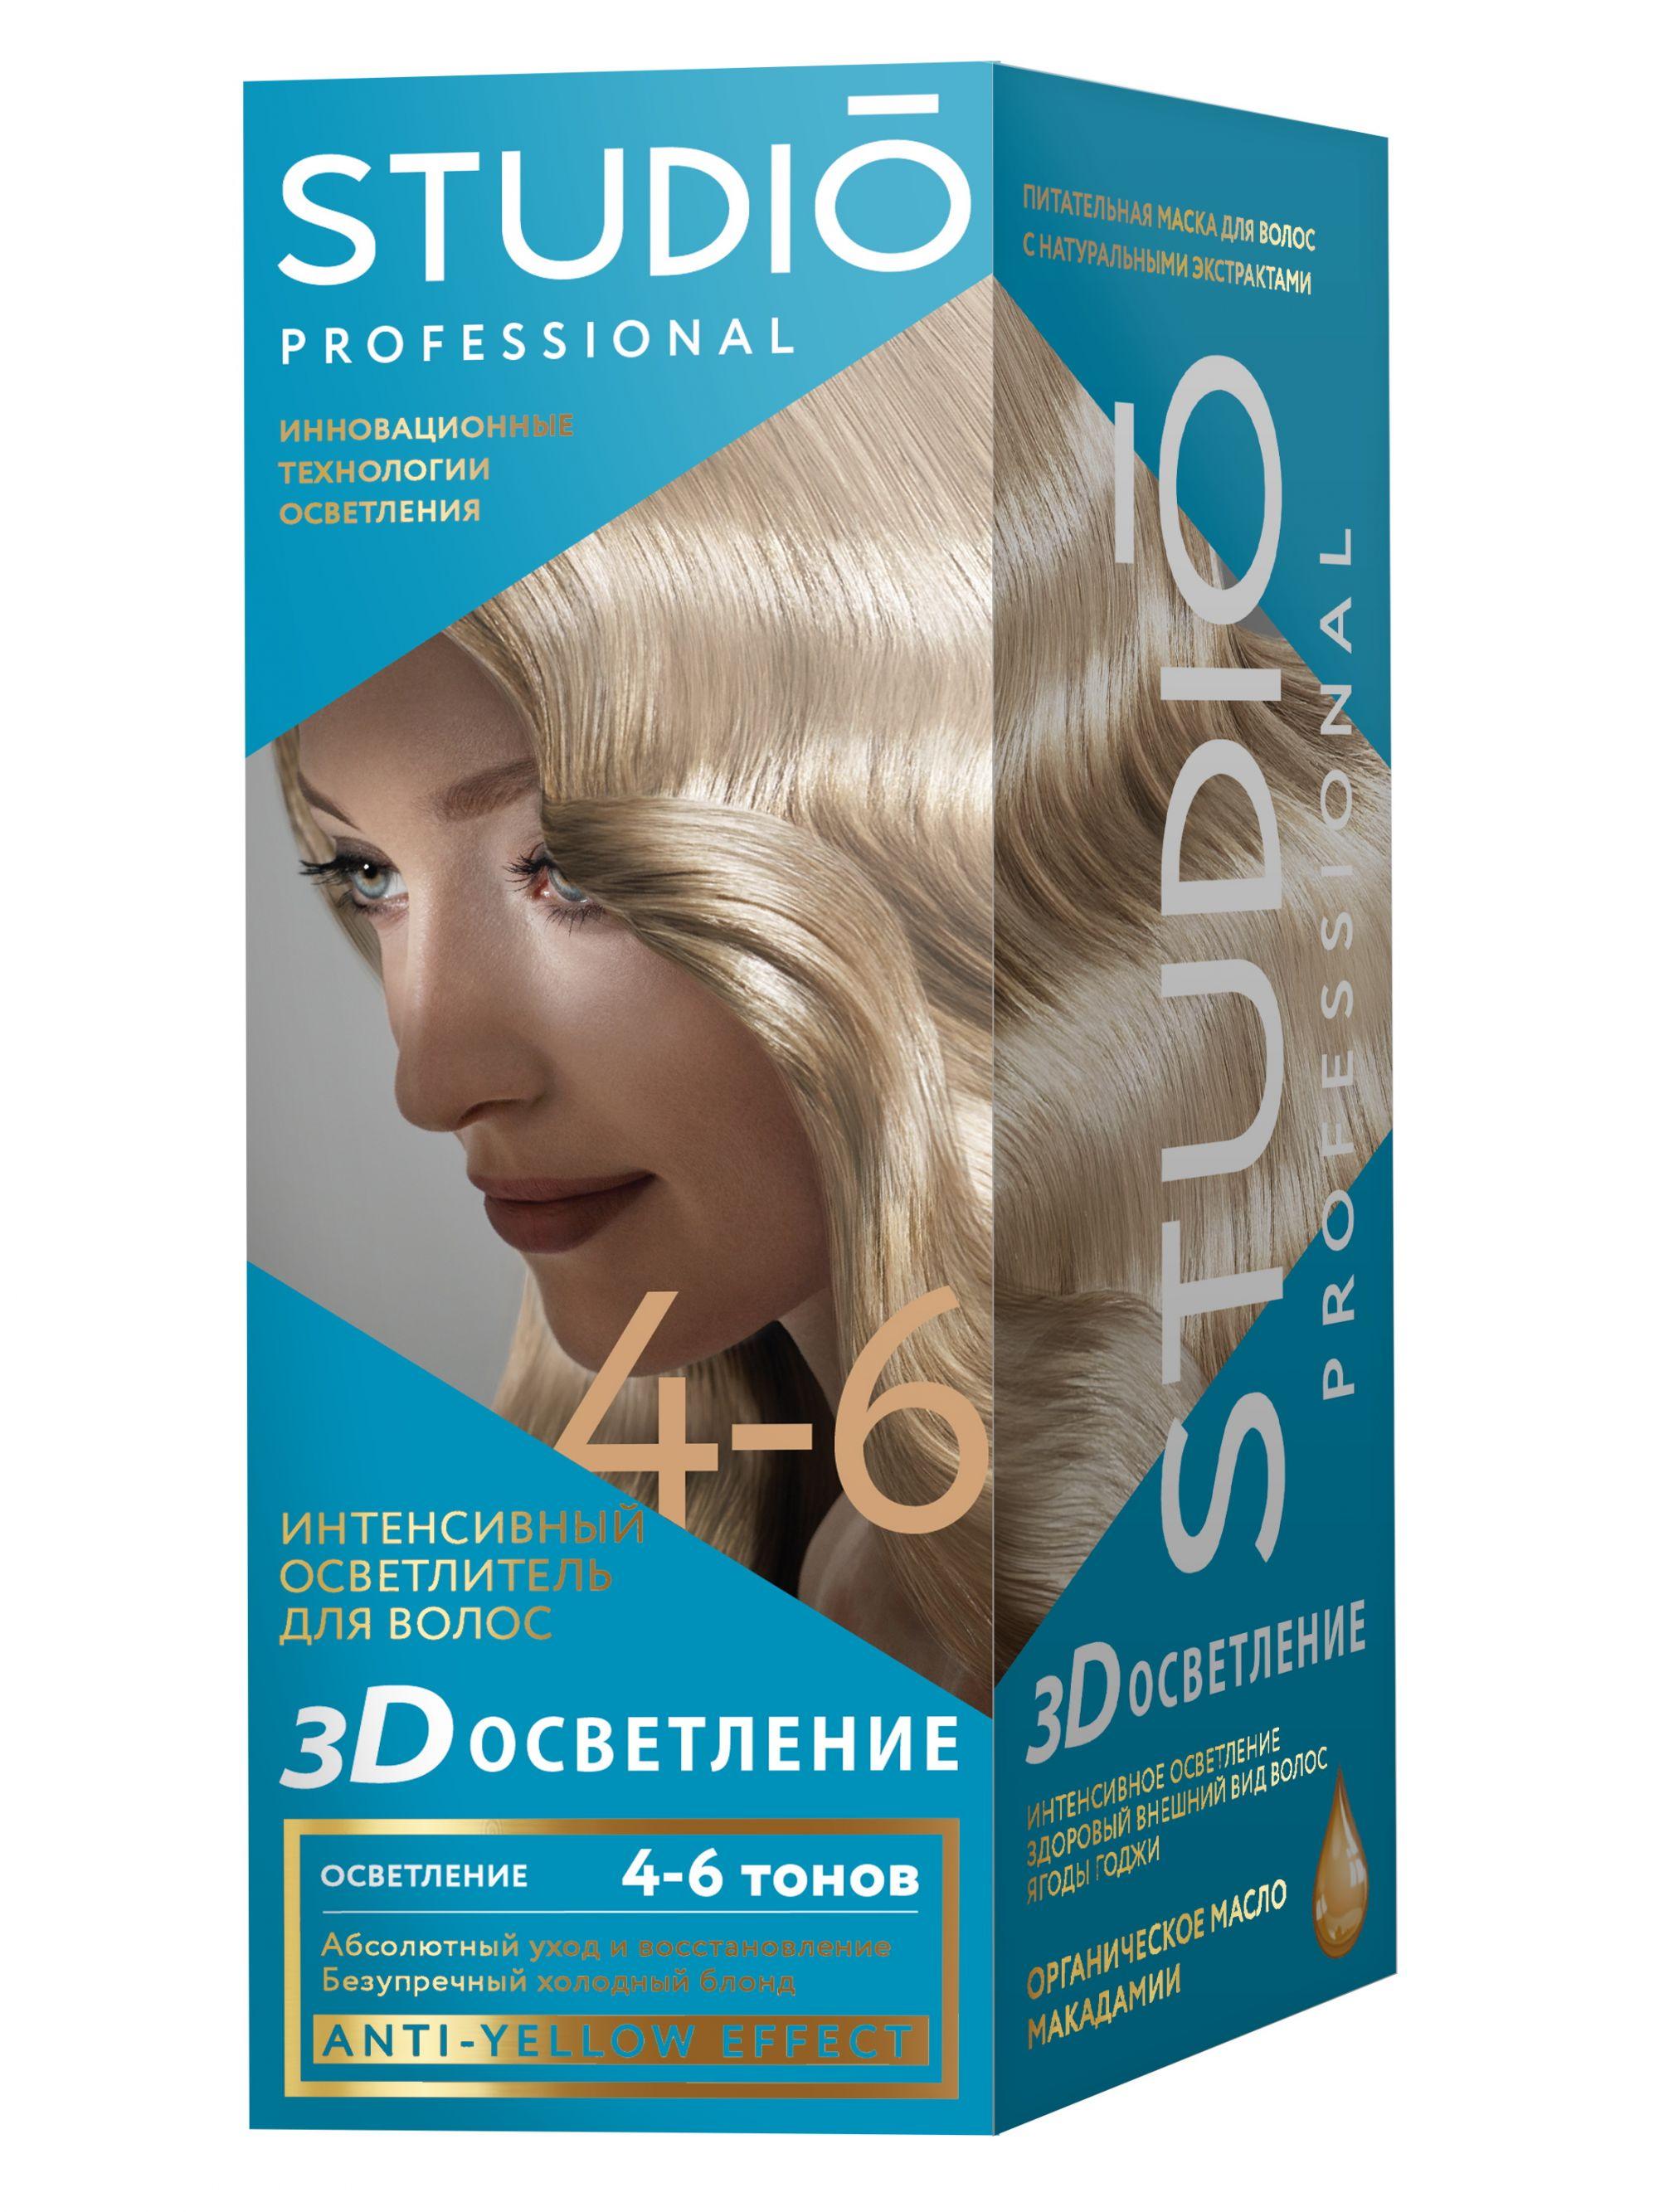 Комплект 3D ОСВЕТЛЕНИЕ для осветления волос STUDIO